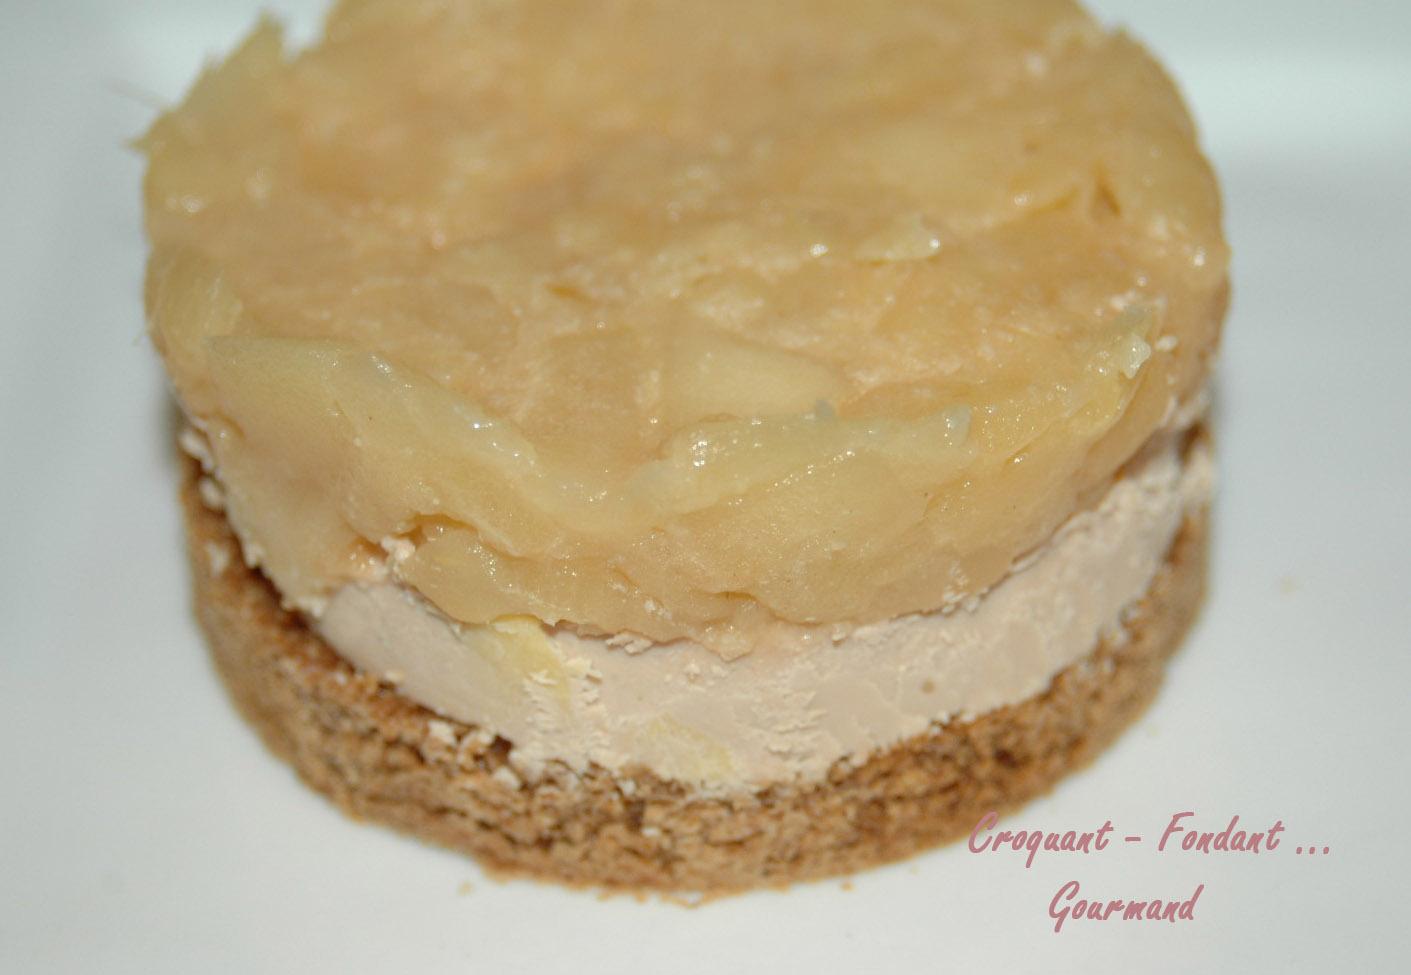 Petites tatins de foie gras-DSC_5457_13806